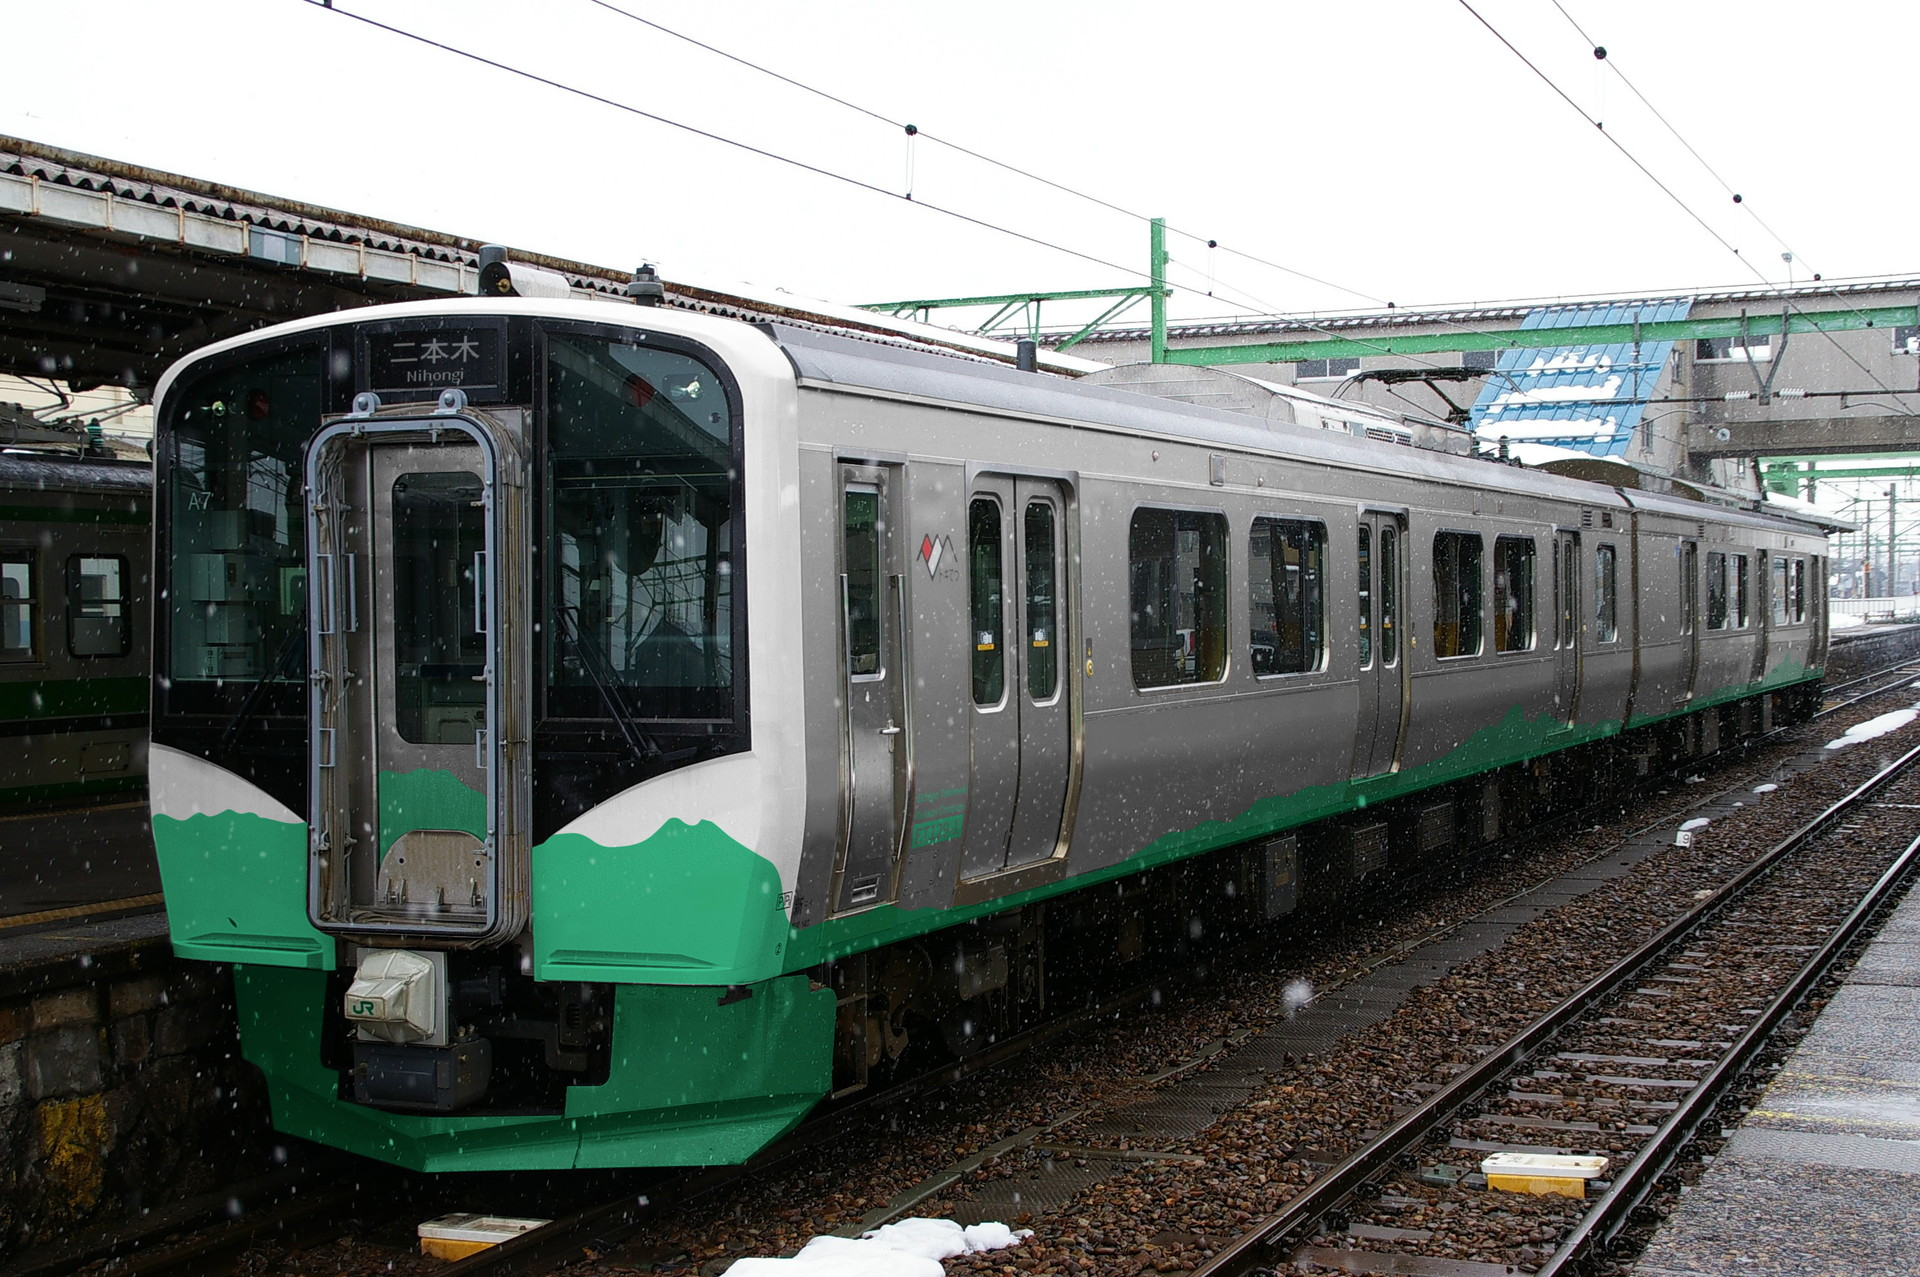 えちごトキめき鉄道ET129系のウソ電